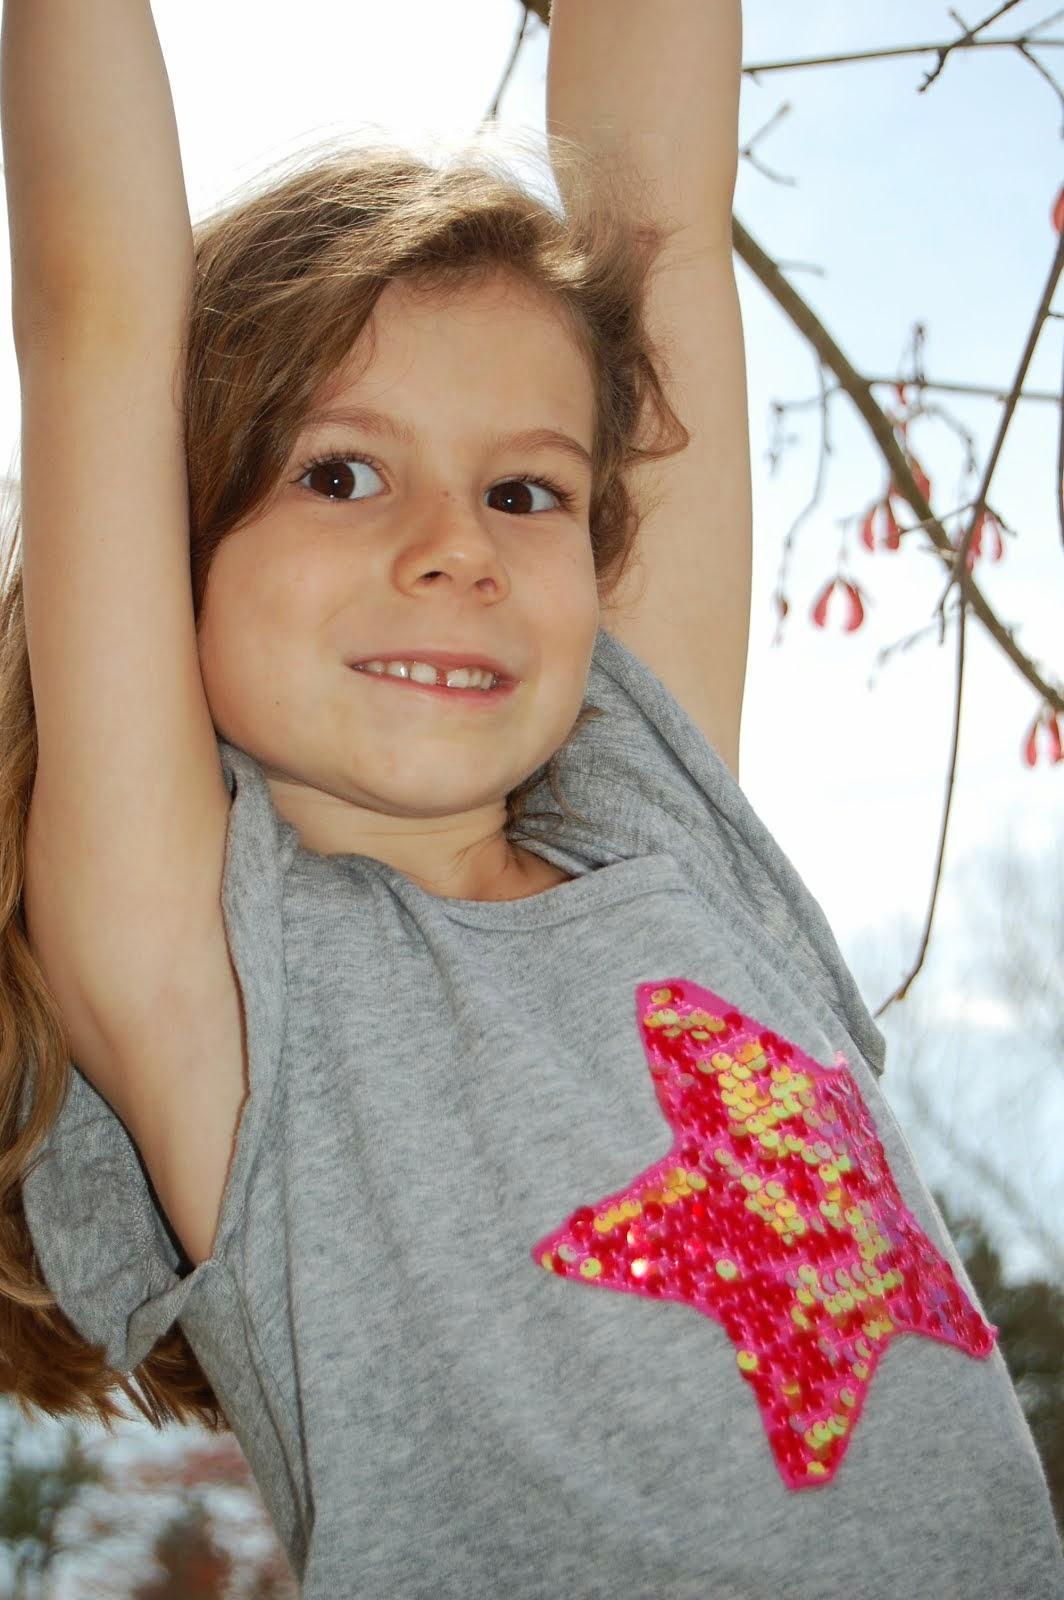 Big Sister Clare - age 5